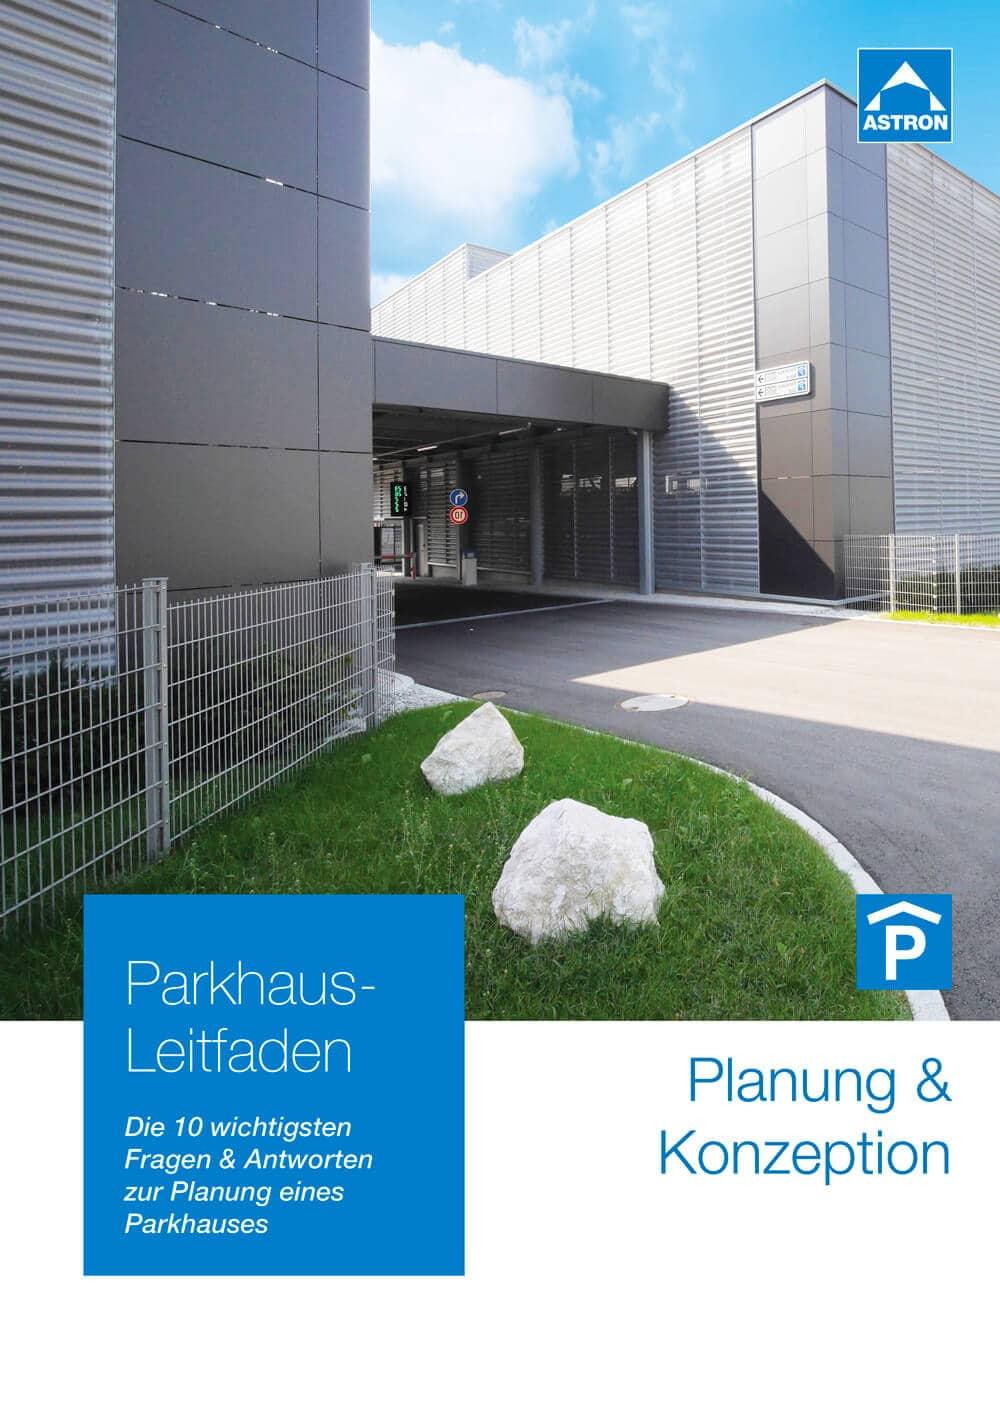 Leitfaden zur Parkhaus-Planung / allgemein